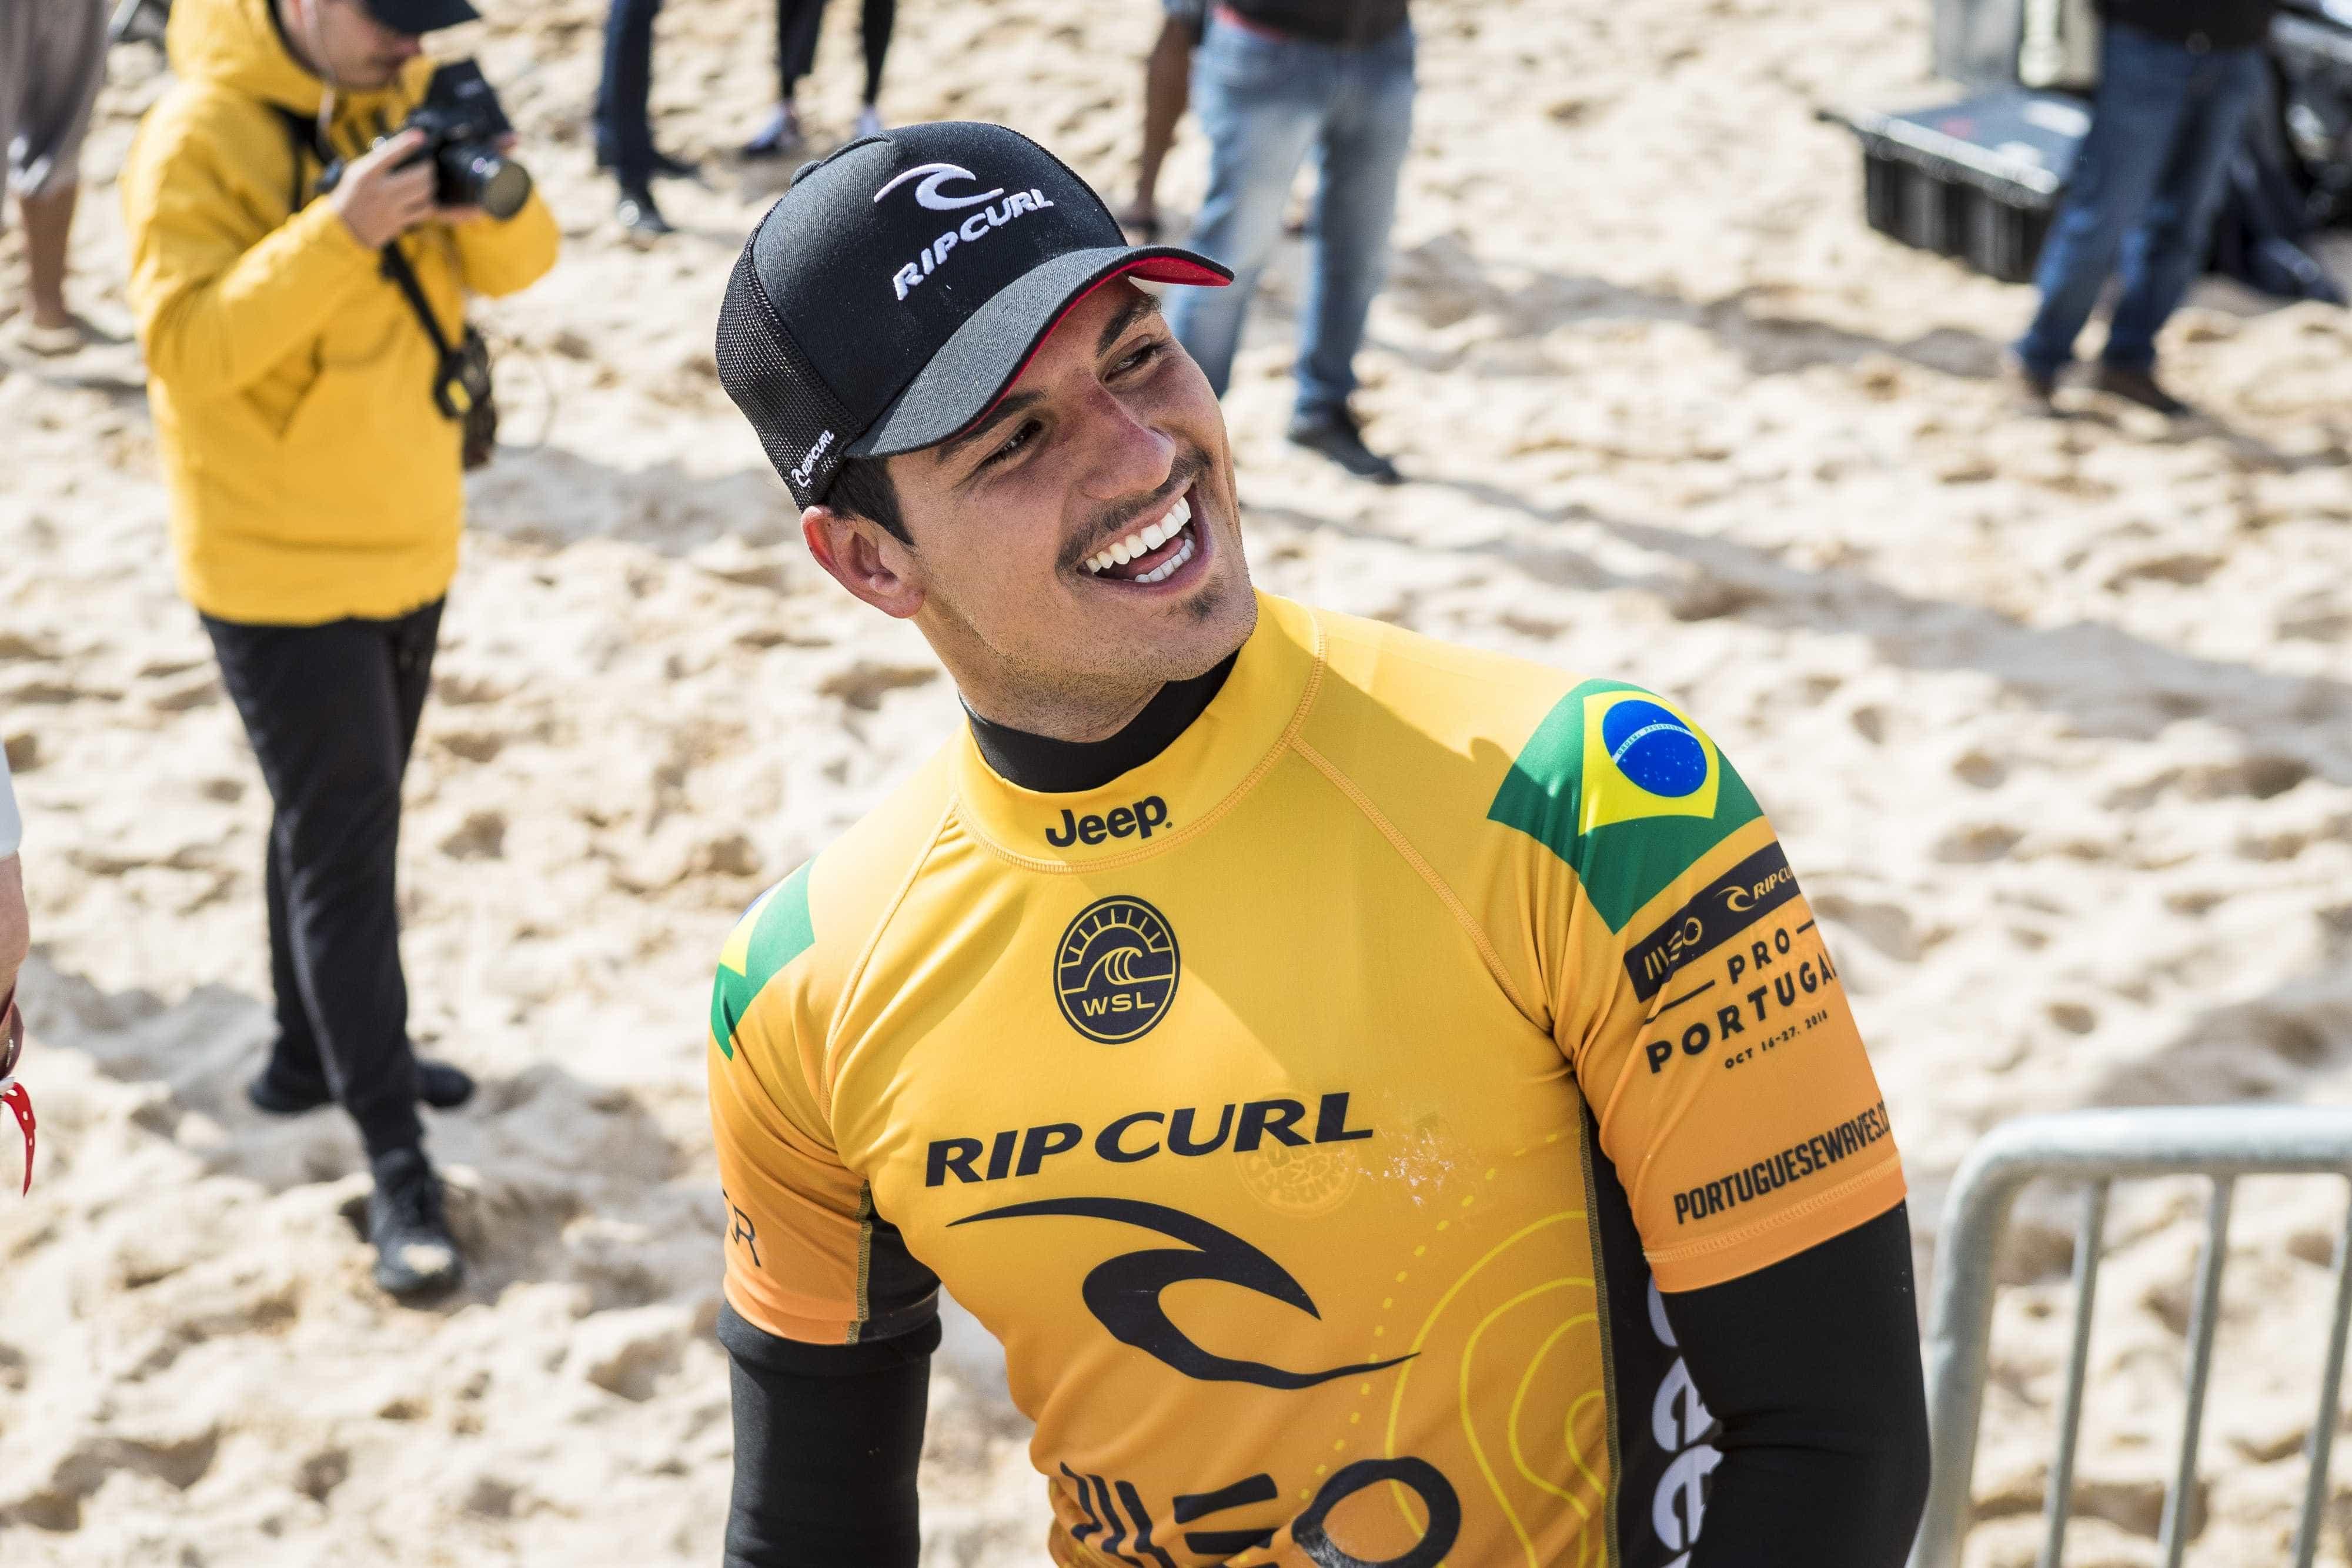 Medina sobre pressão de fãs: 'Brasileiro quer que você ganhe sempre'